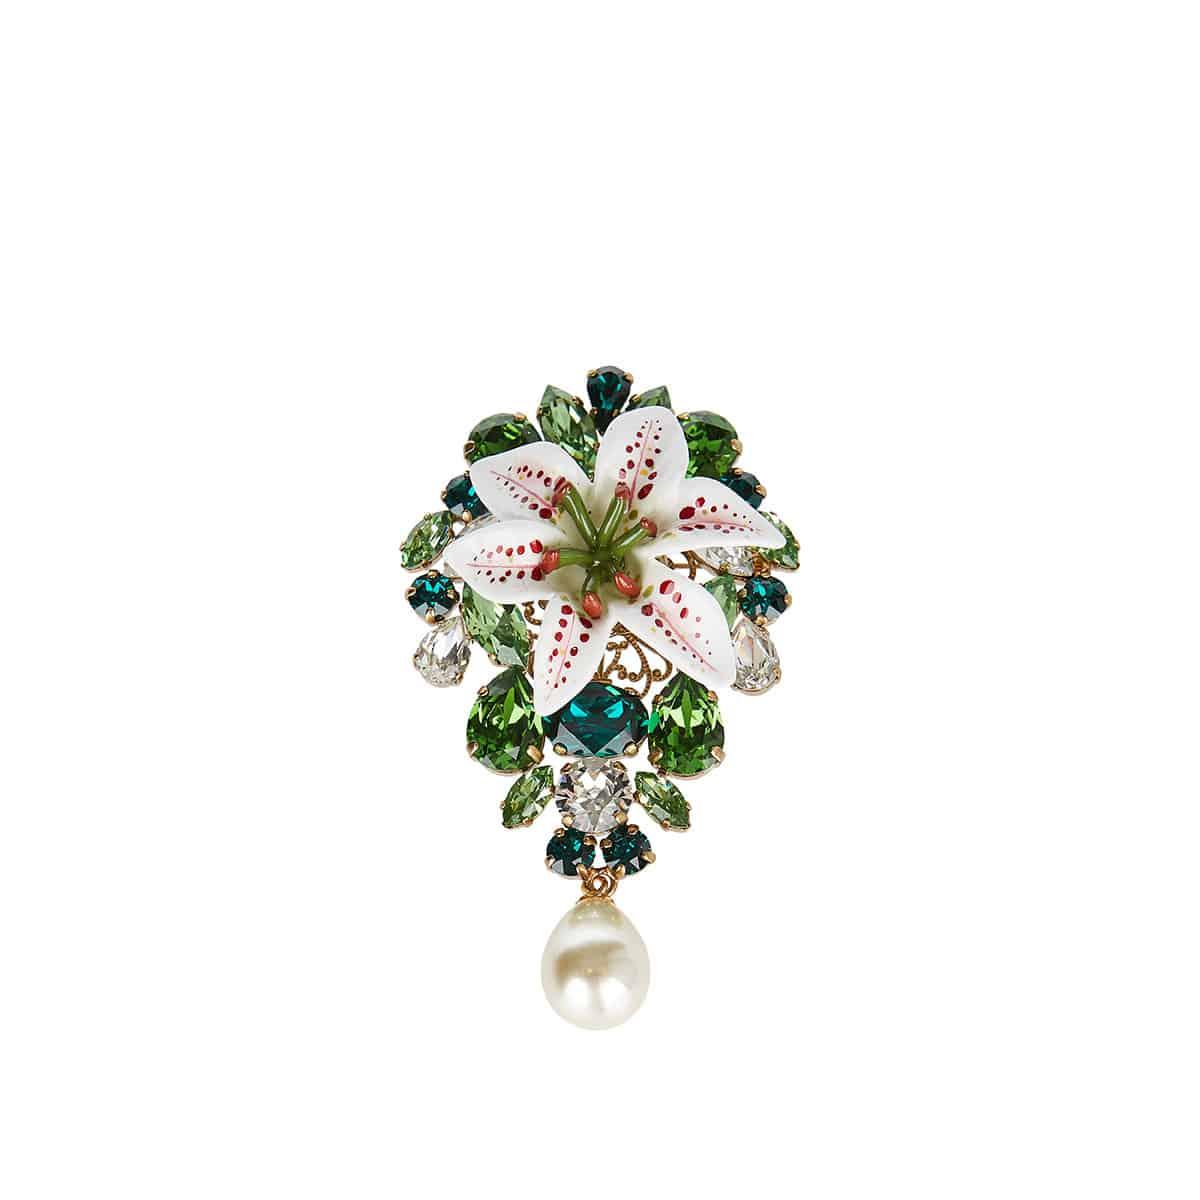 Crystal-embellished resin brooch